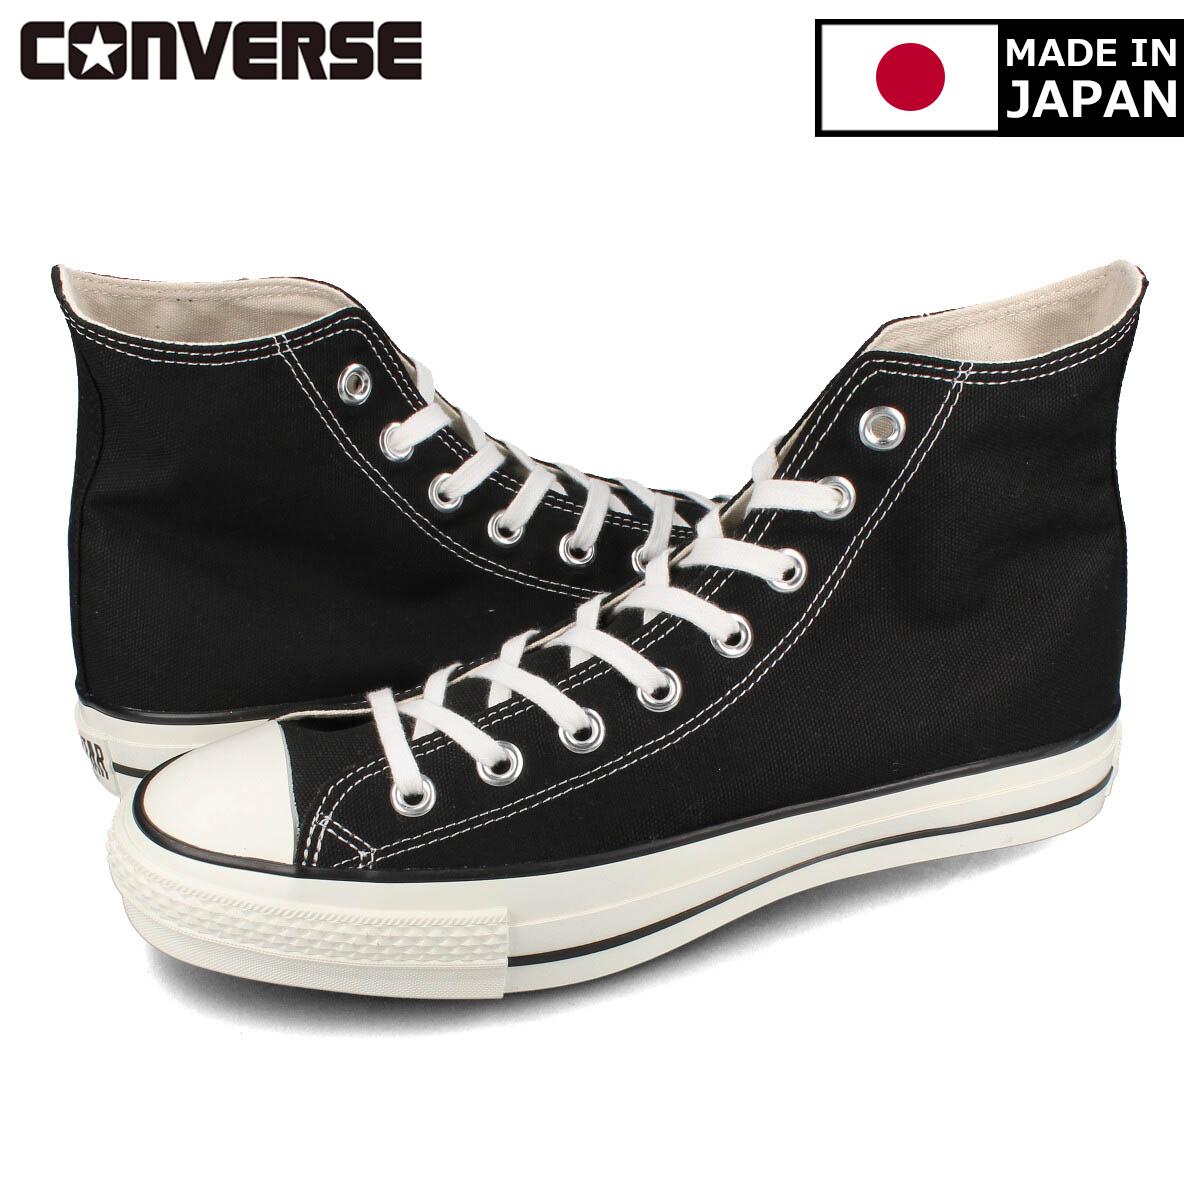 CONVERSE CANVAS ALL STAR J HIMADE IN JAPAN日本製コンバース オールスター J HI BLACKc34Aq5RjL